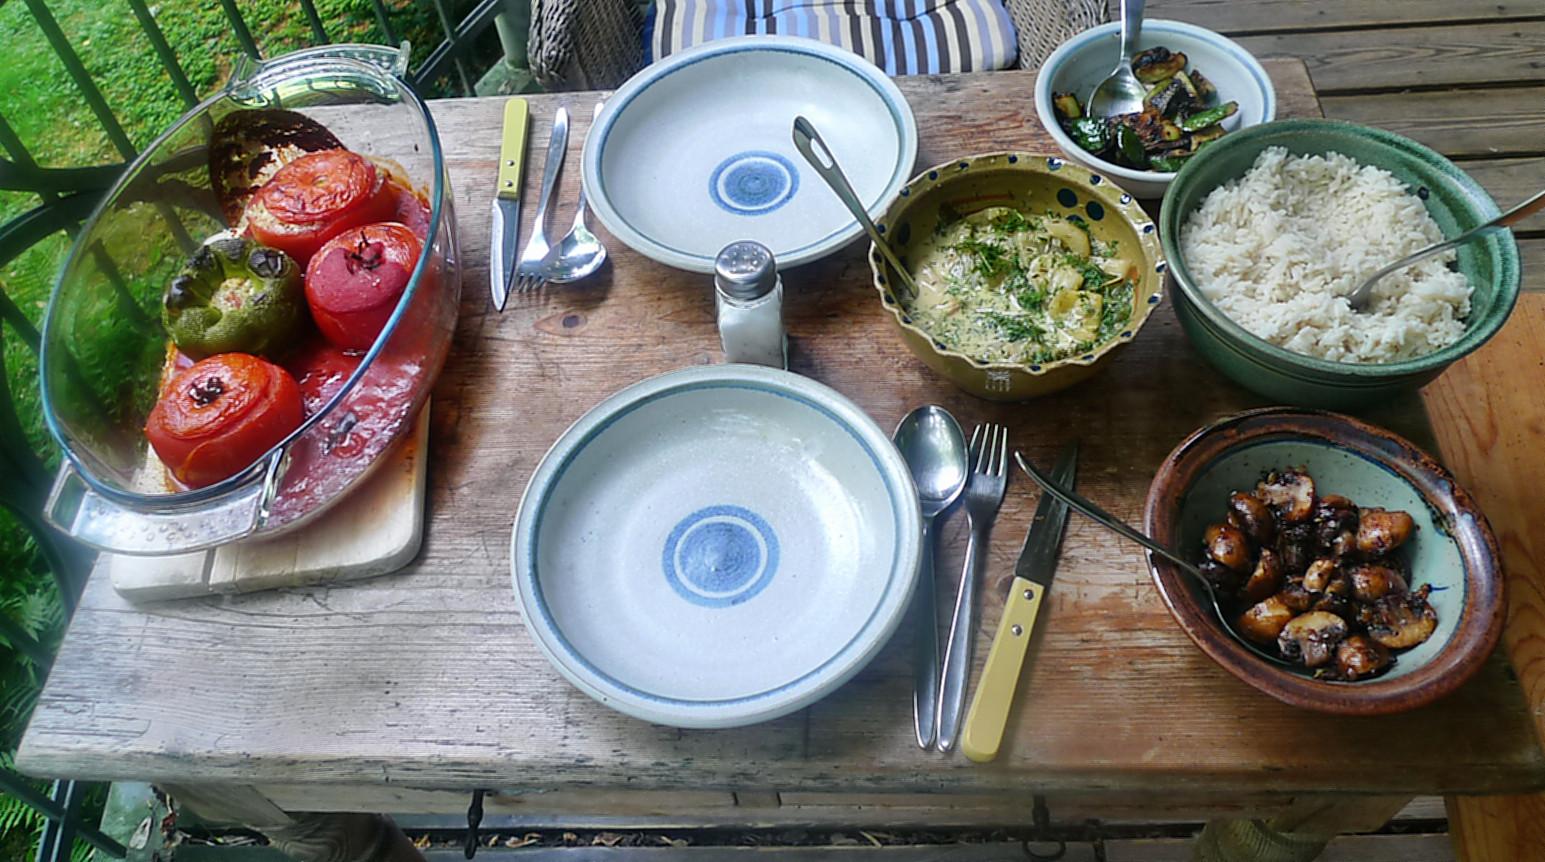 Gefüllte Tomaten,Gurkengemüse,Champignon,Zucchini,Reis-24.7.14   (9)